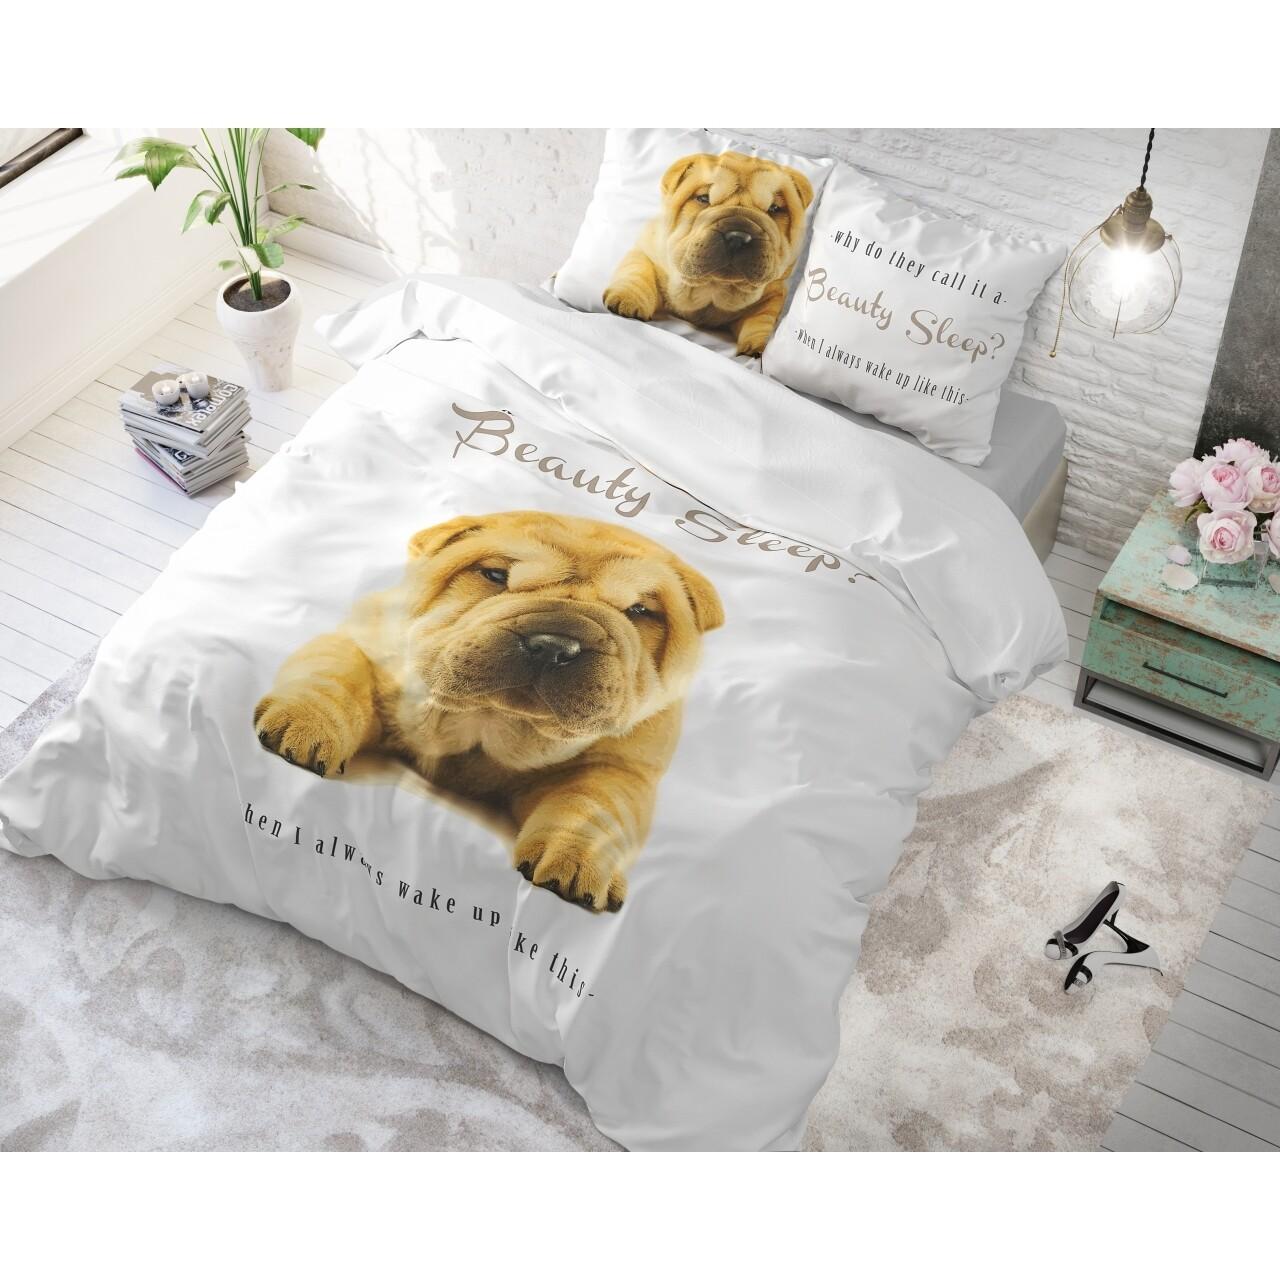 Lenjerie de pat dubla Beauty Sleep White, Royal Textile, 3 piese, 200 x 220 cm, 100% bumbac, multicolora